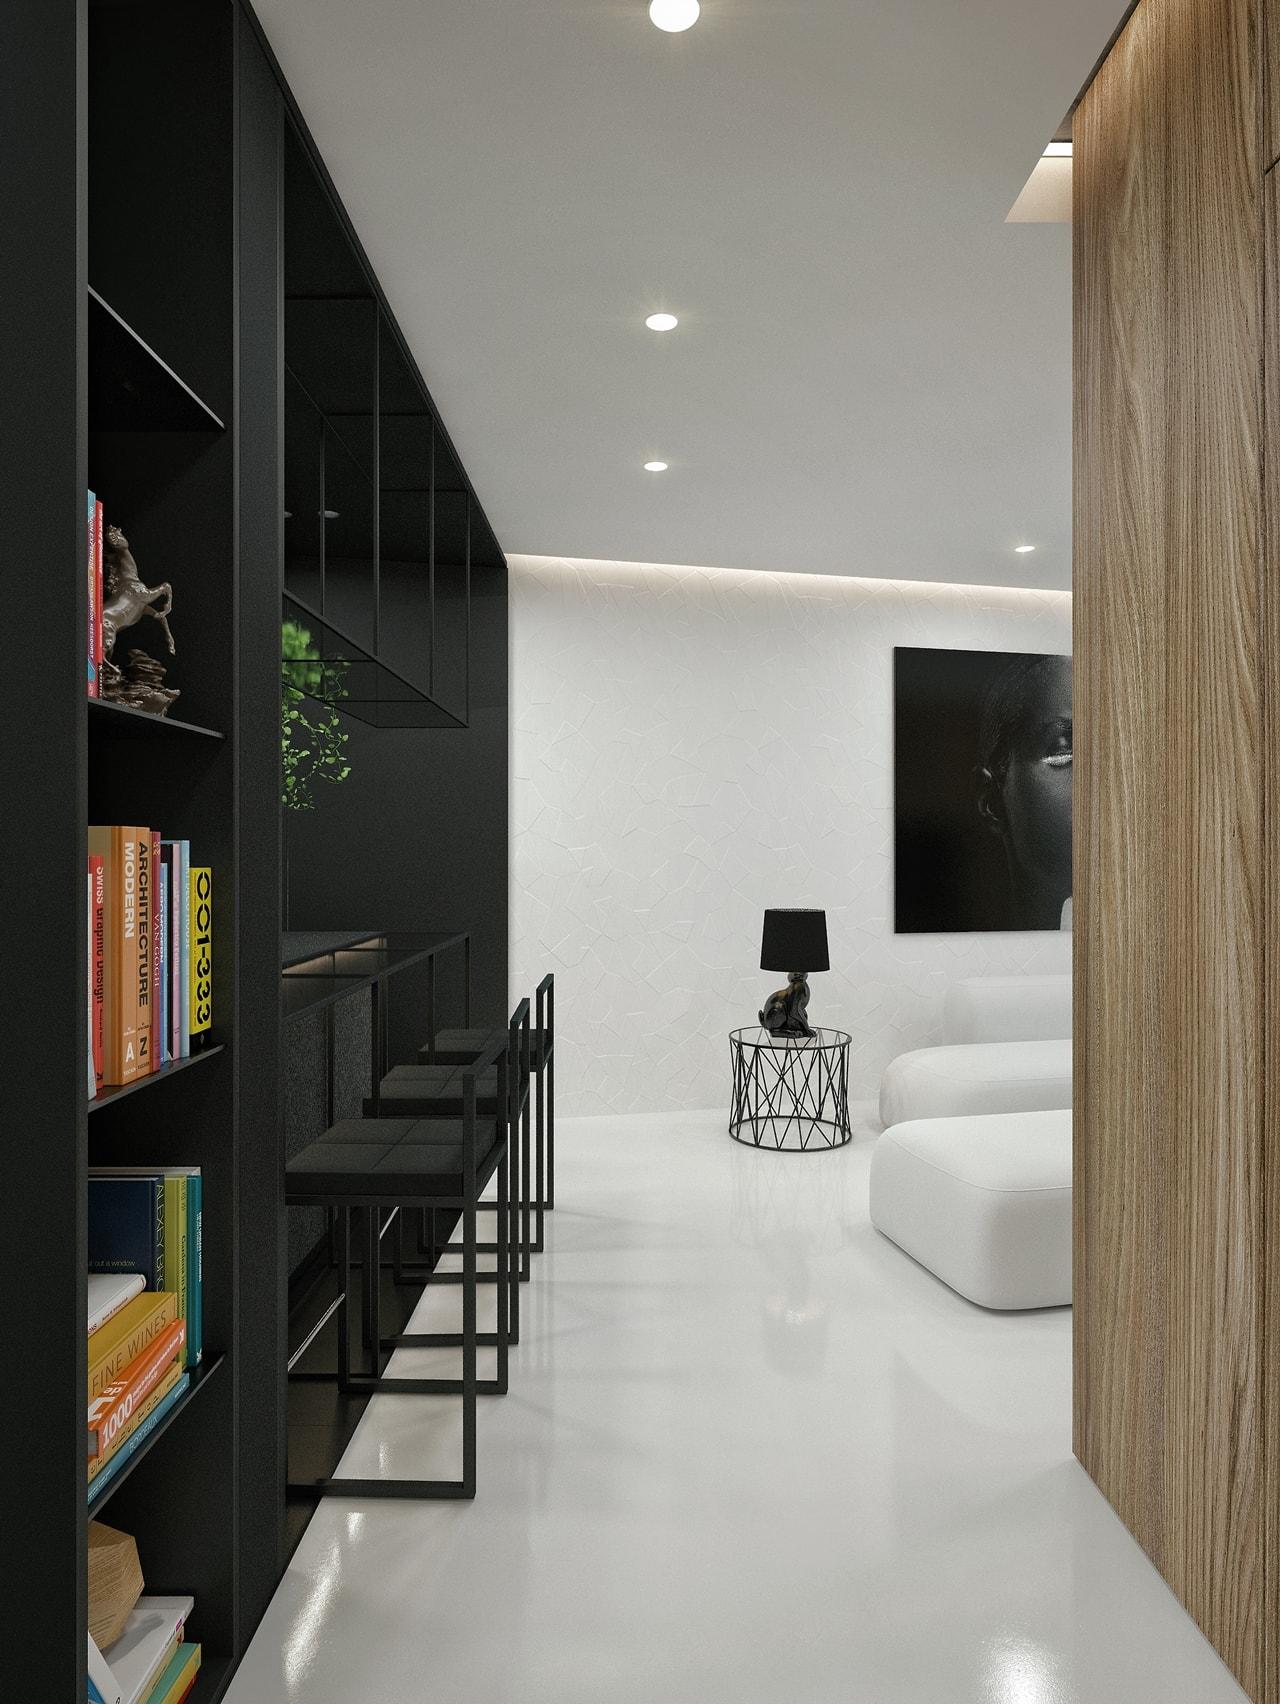 2017 Small Apartment Interior Design